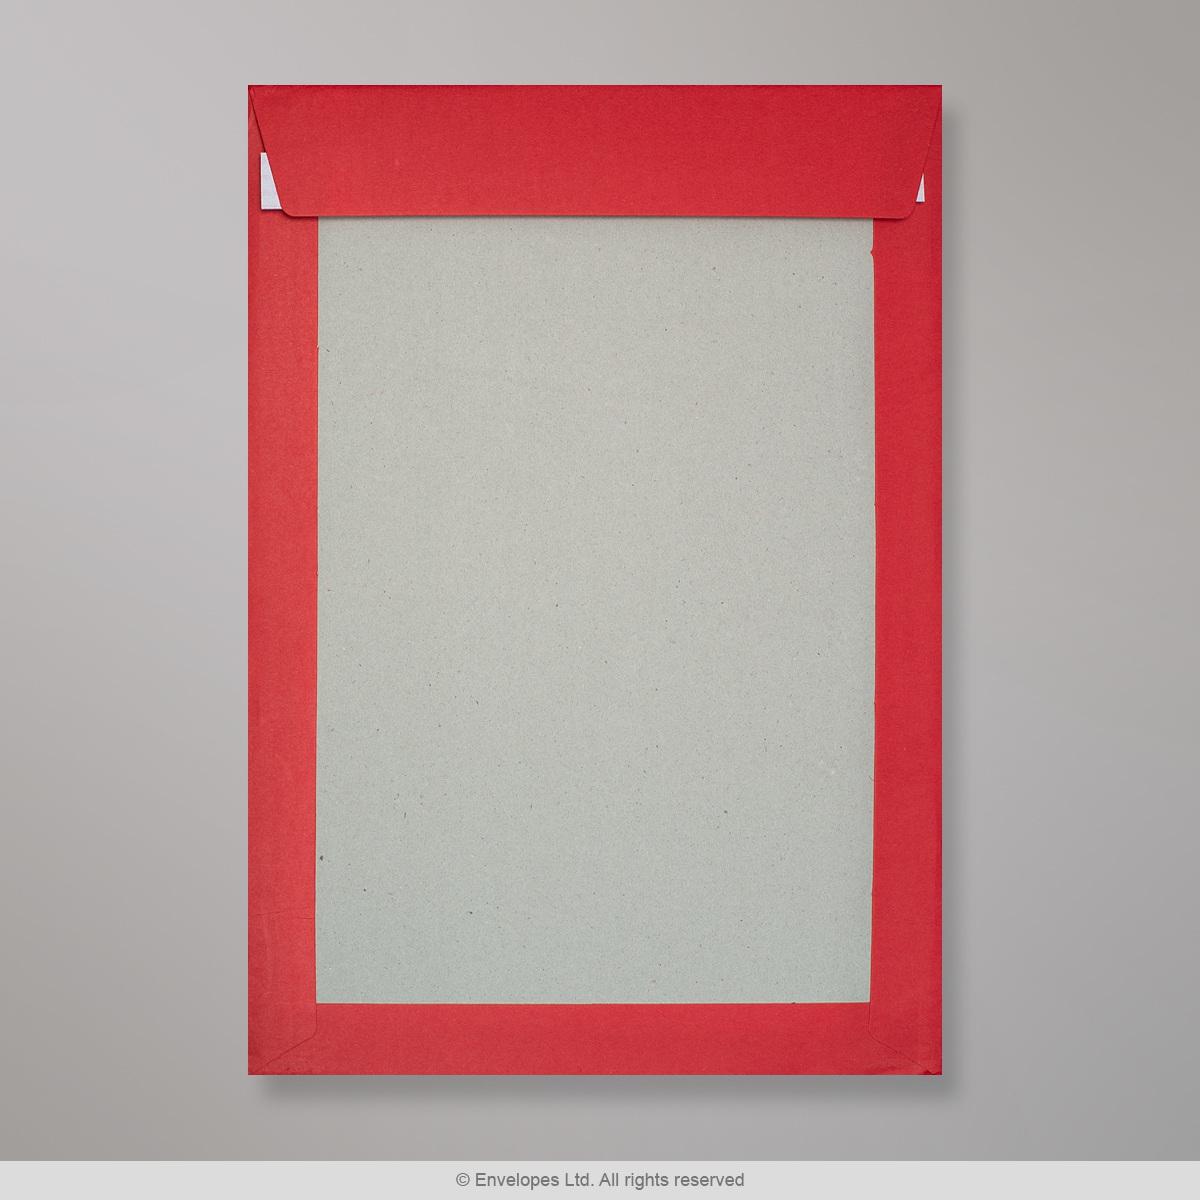 324x229 mm (C4) Busta con dorso rigido rosso scuro